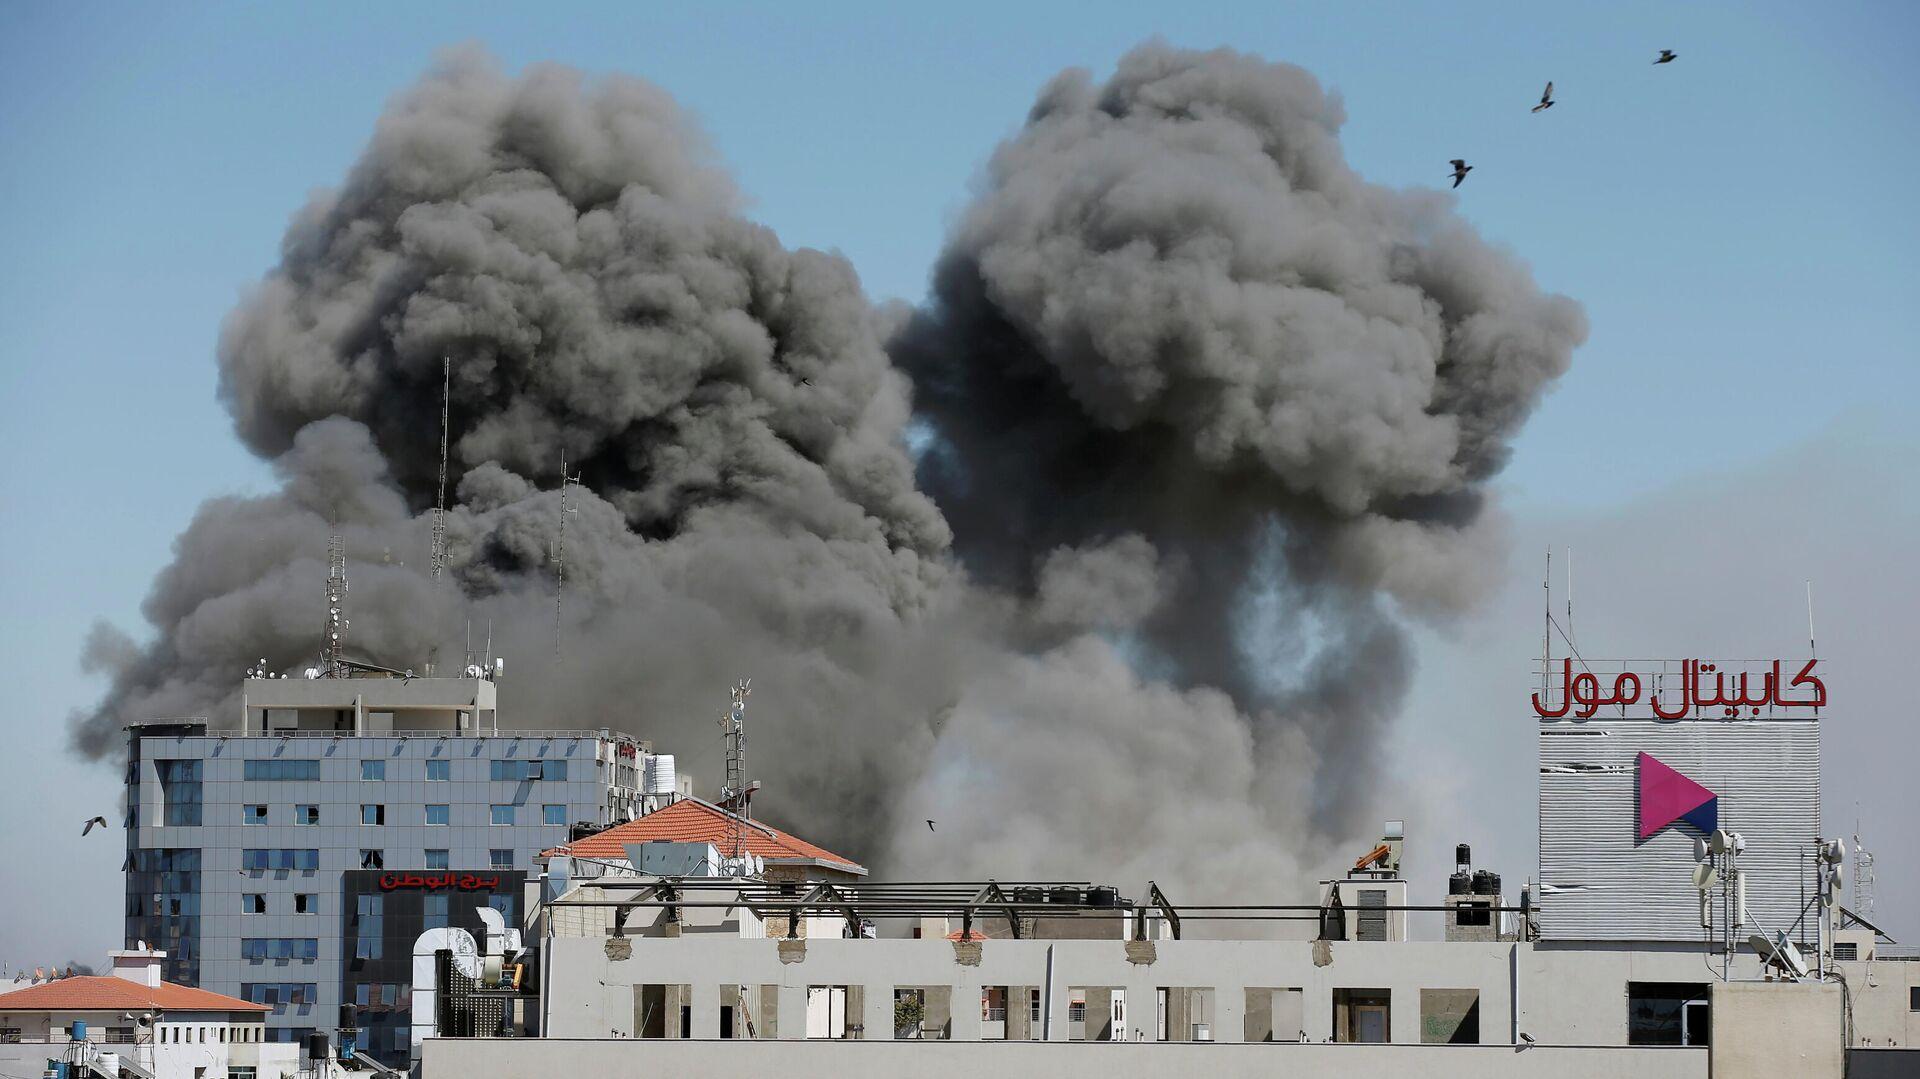 Дым от израильского авиаудара по Газе. 15 мая 2021 - РИА Новости, 1920, 17.05.2021